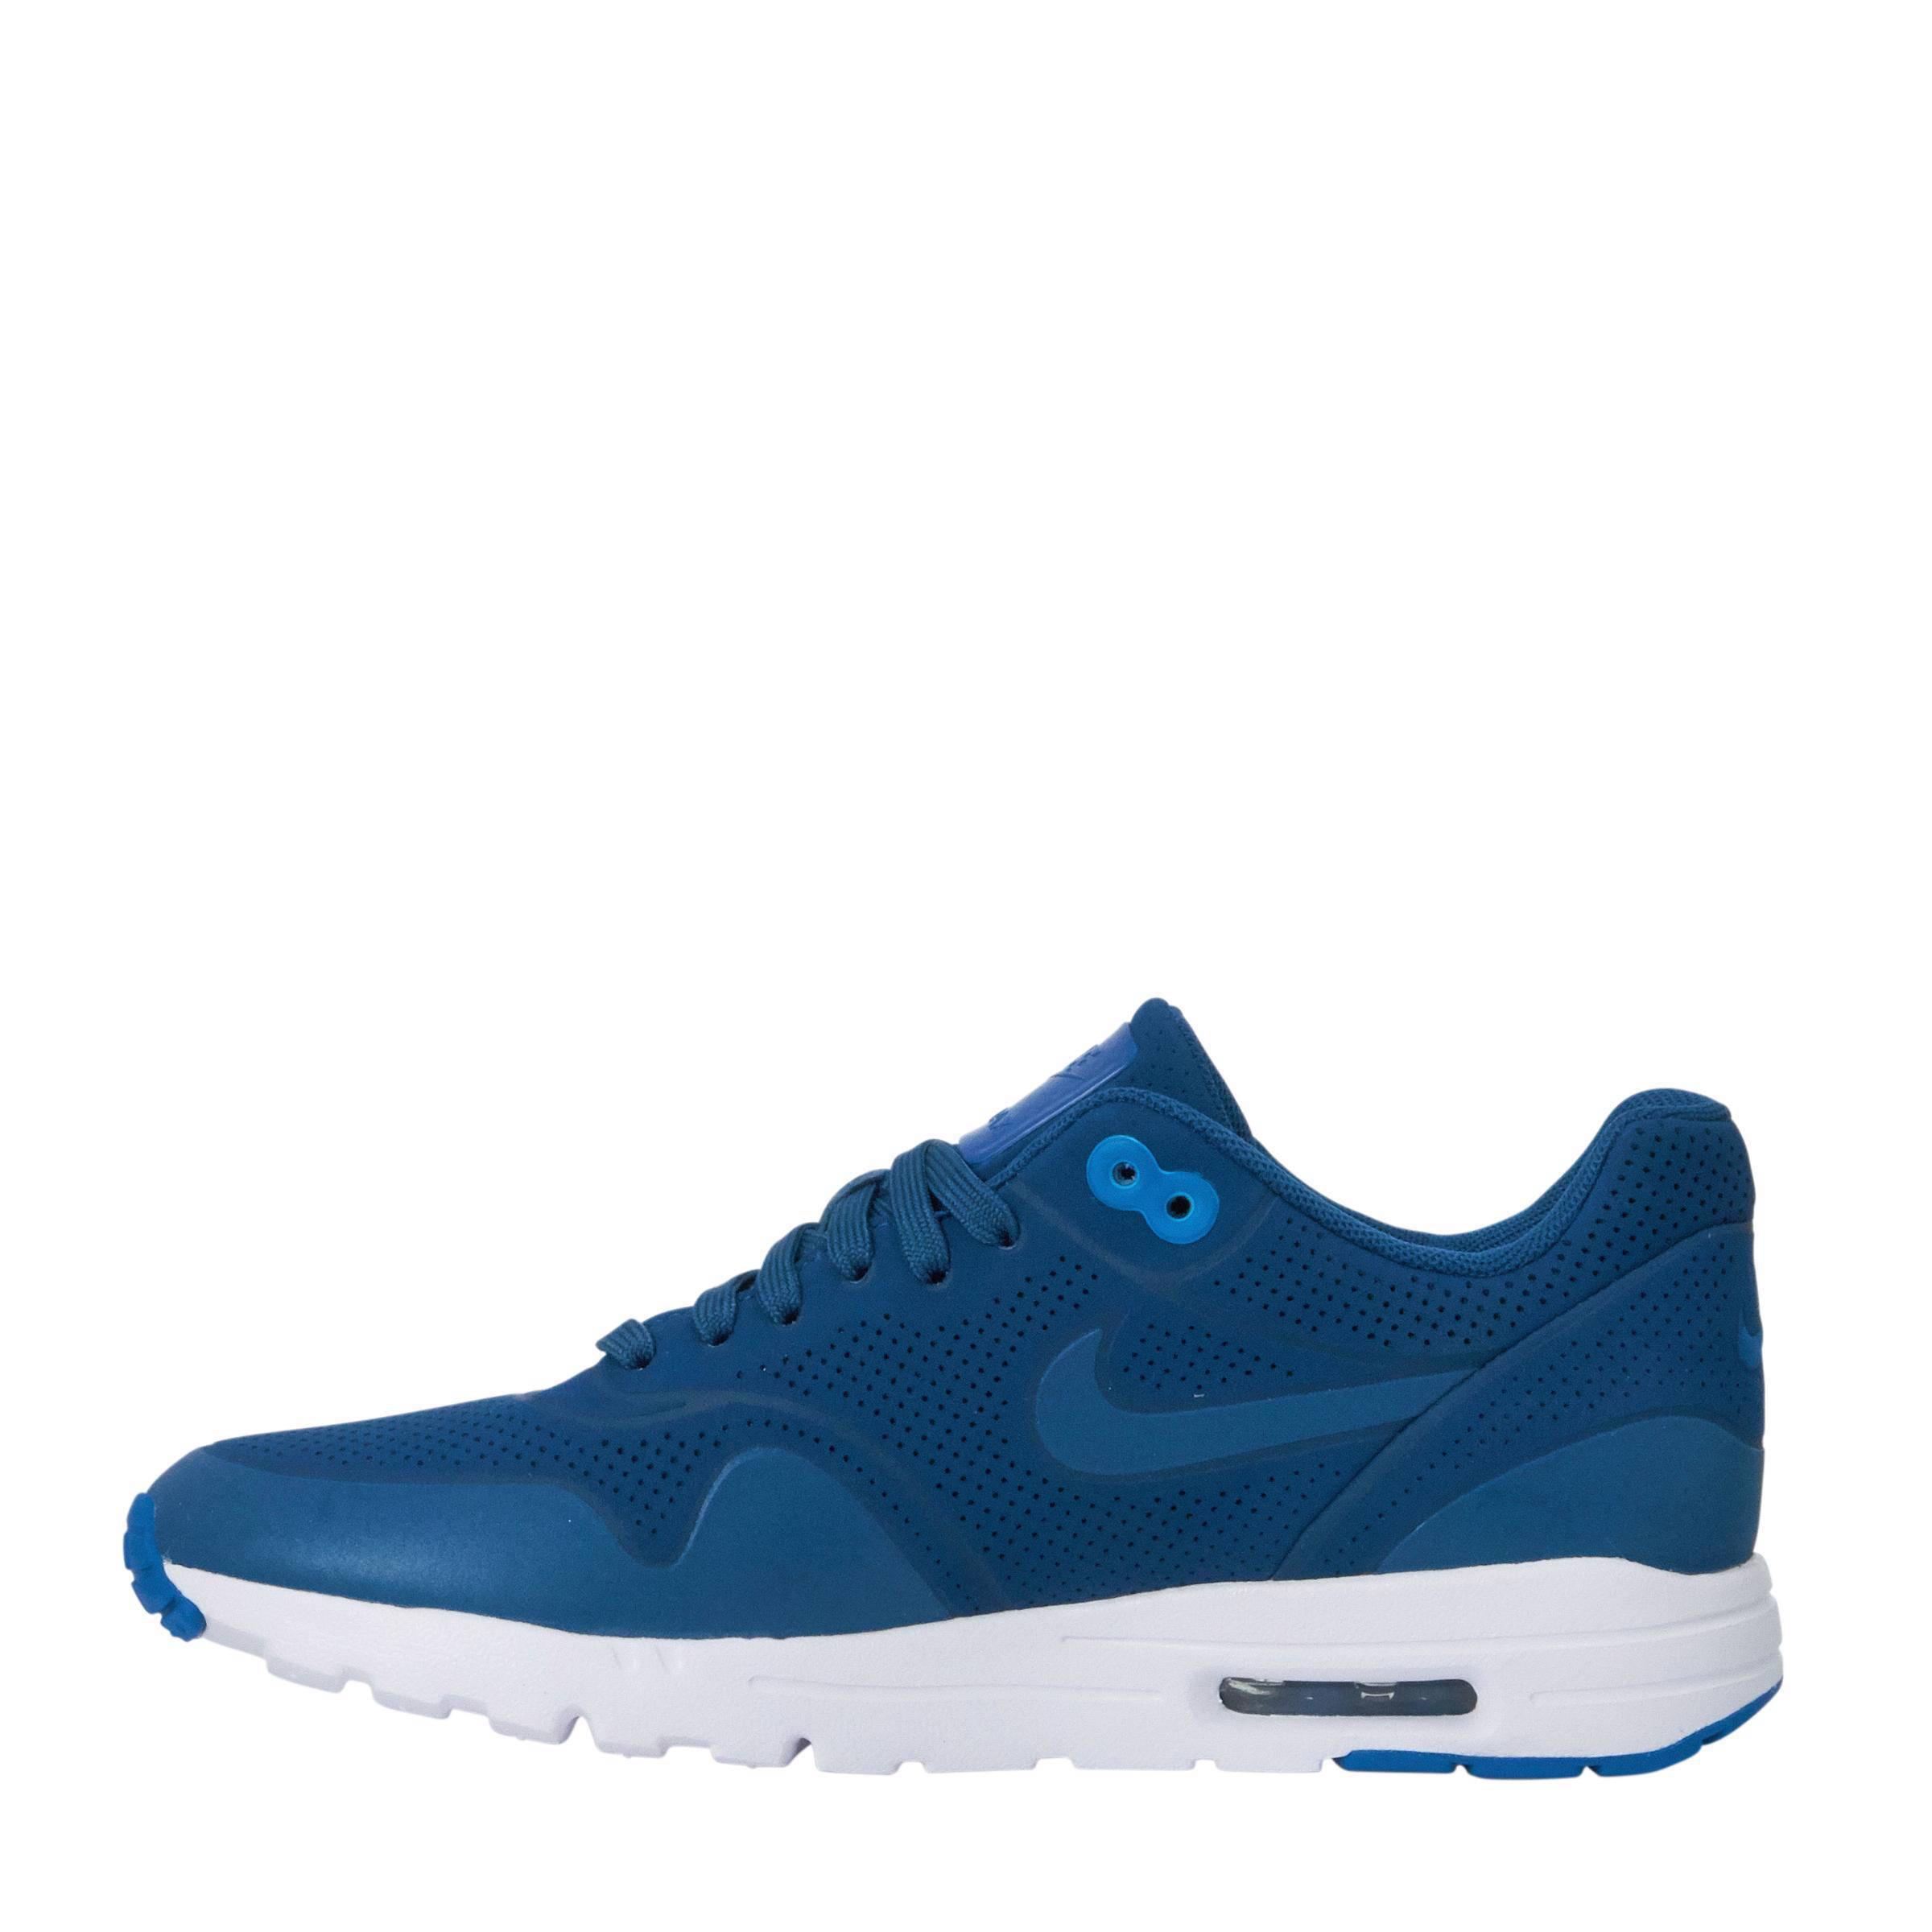 025f5c3e5300cc nike-sneakers-air-max-1-ultra-moire-blauw-0826220606743.jpg